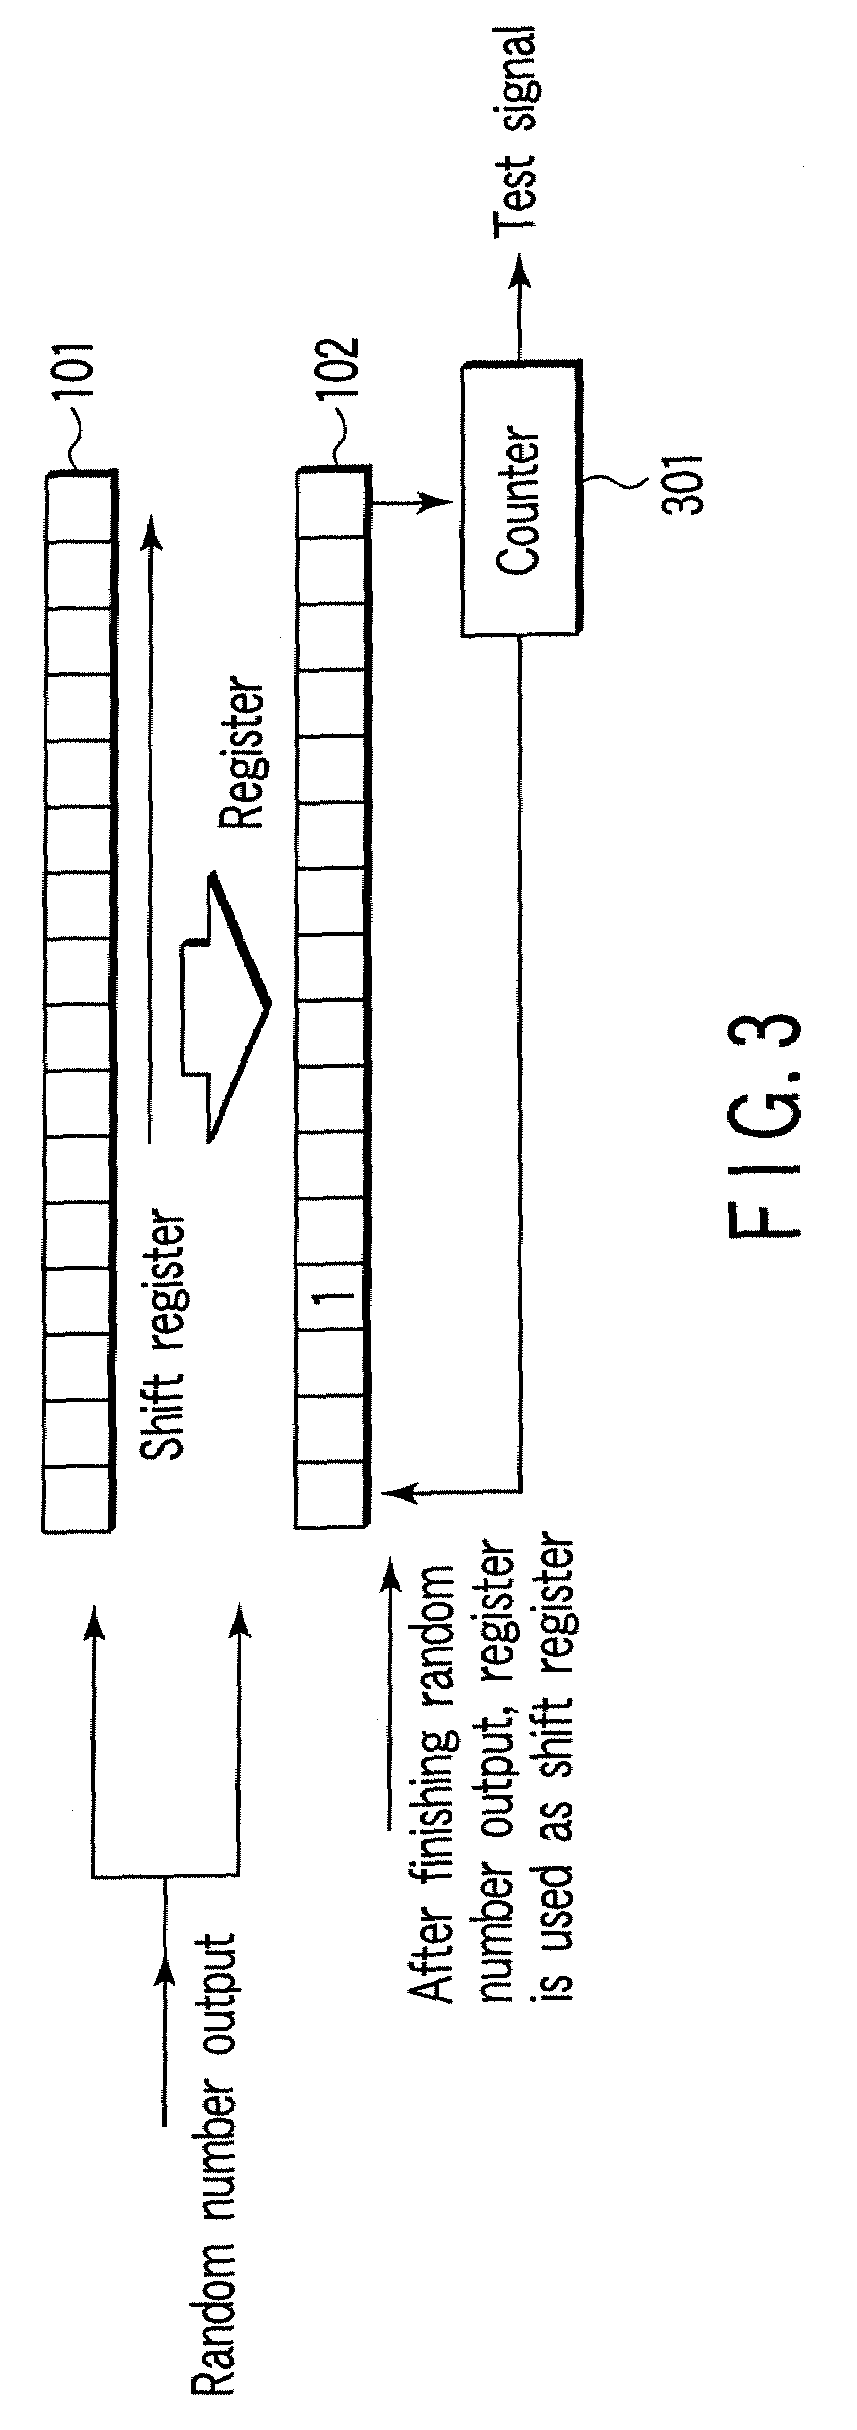 patent us7653855